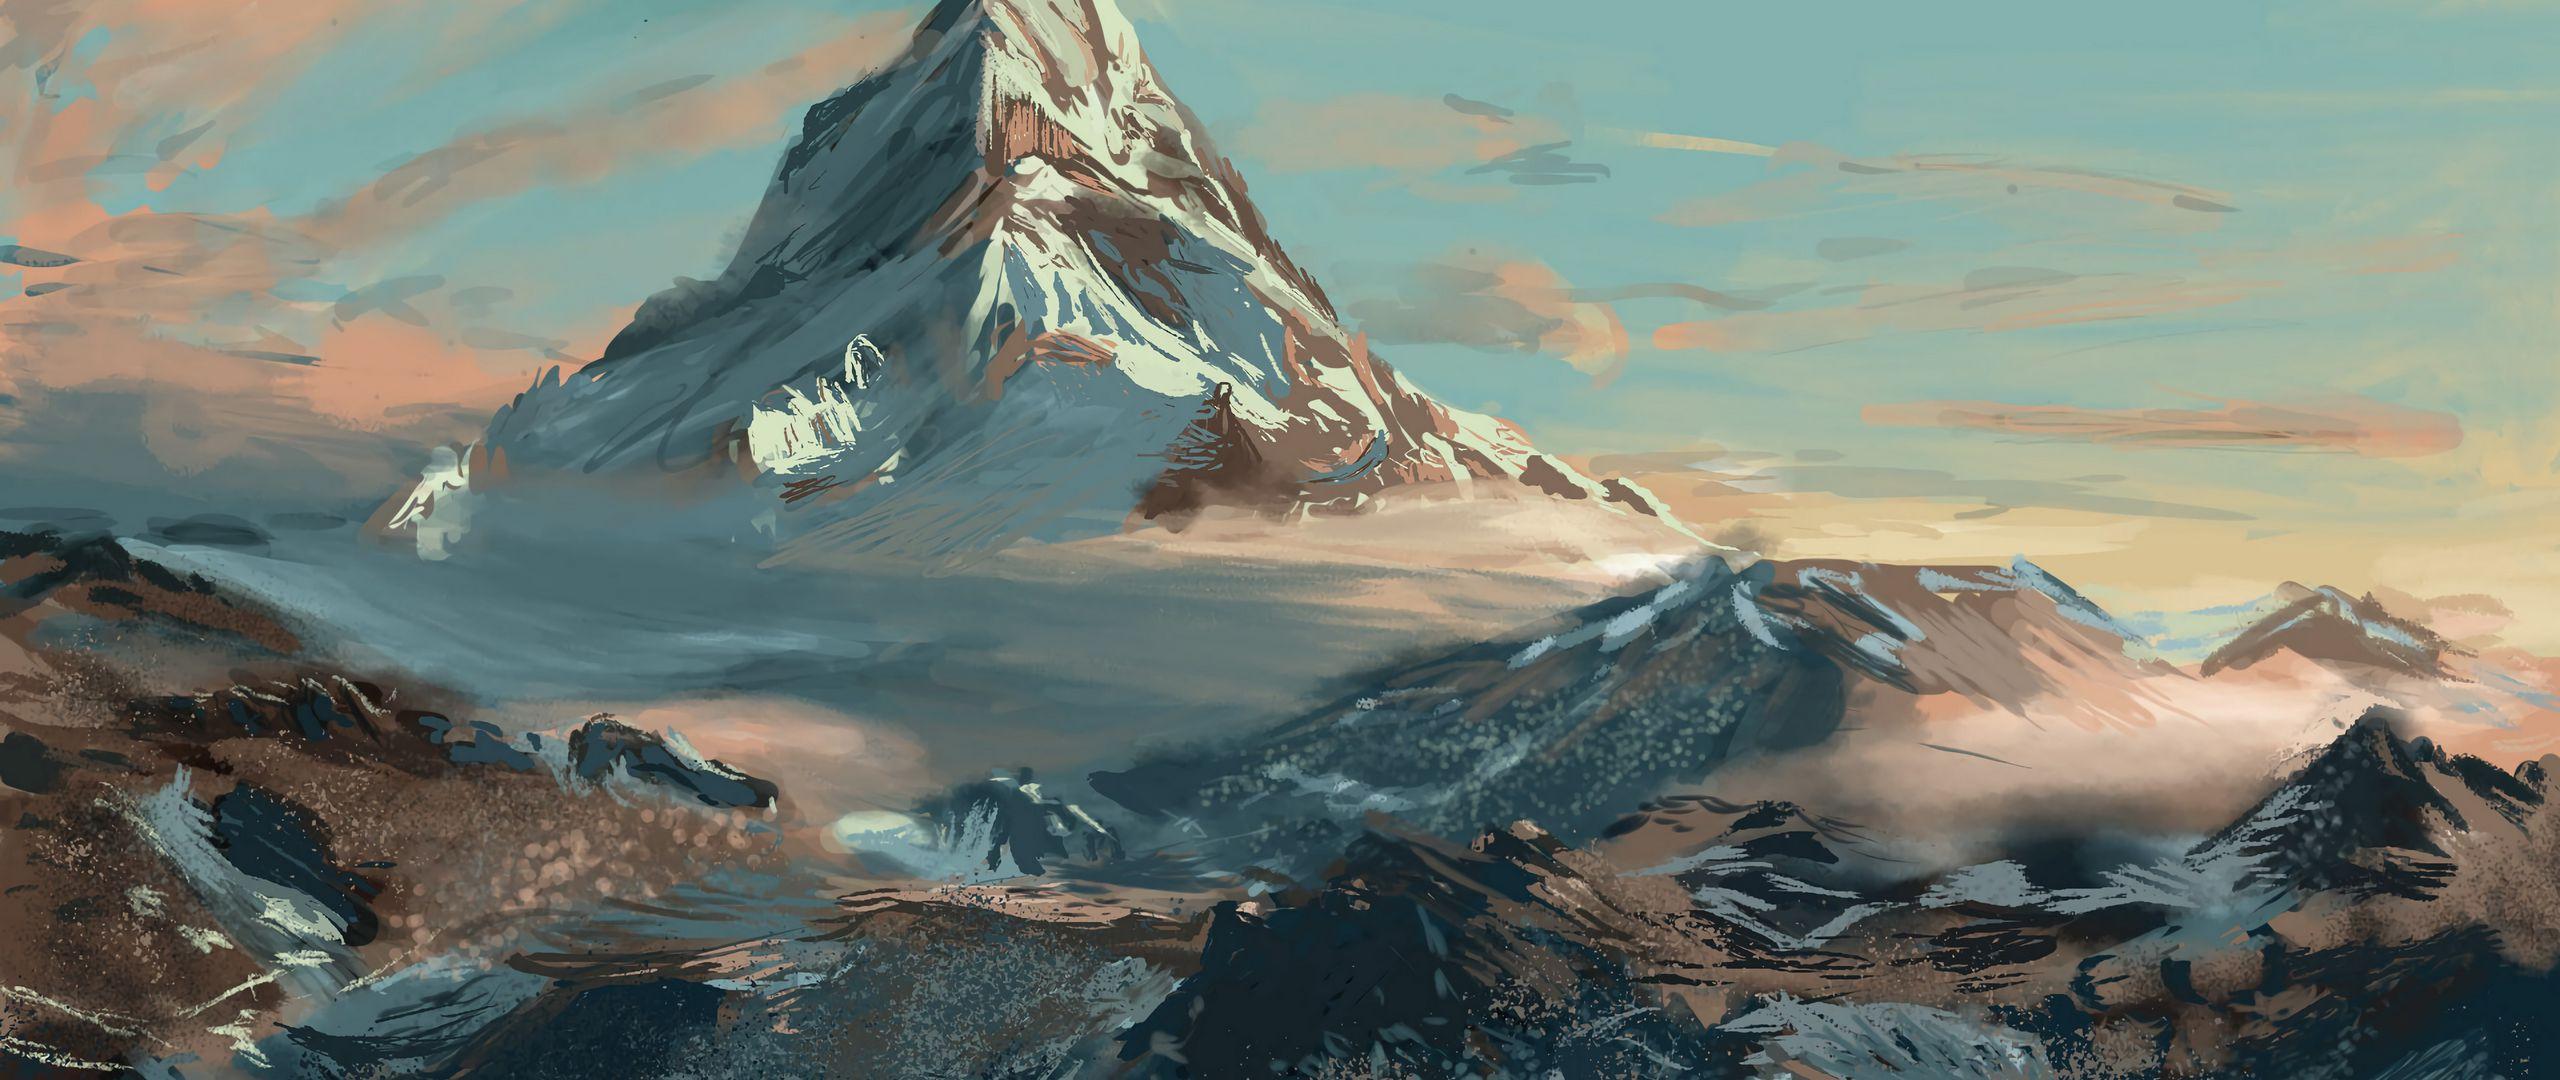 Fondos de pantalla Ilustración de montaña